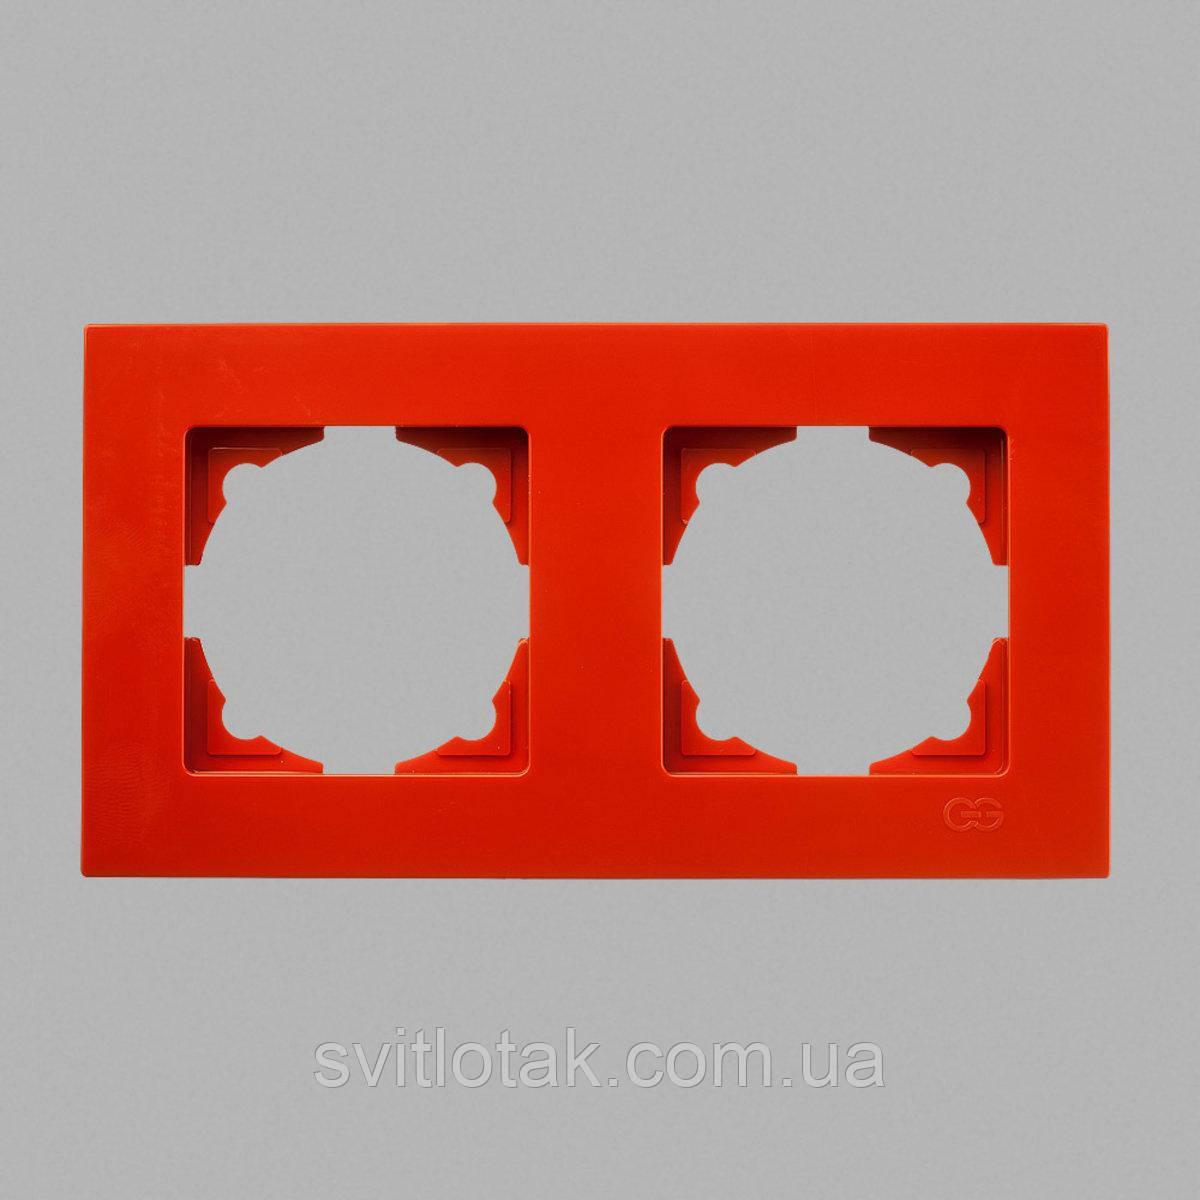 Eqona рамка 2-ая оранжевая